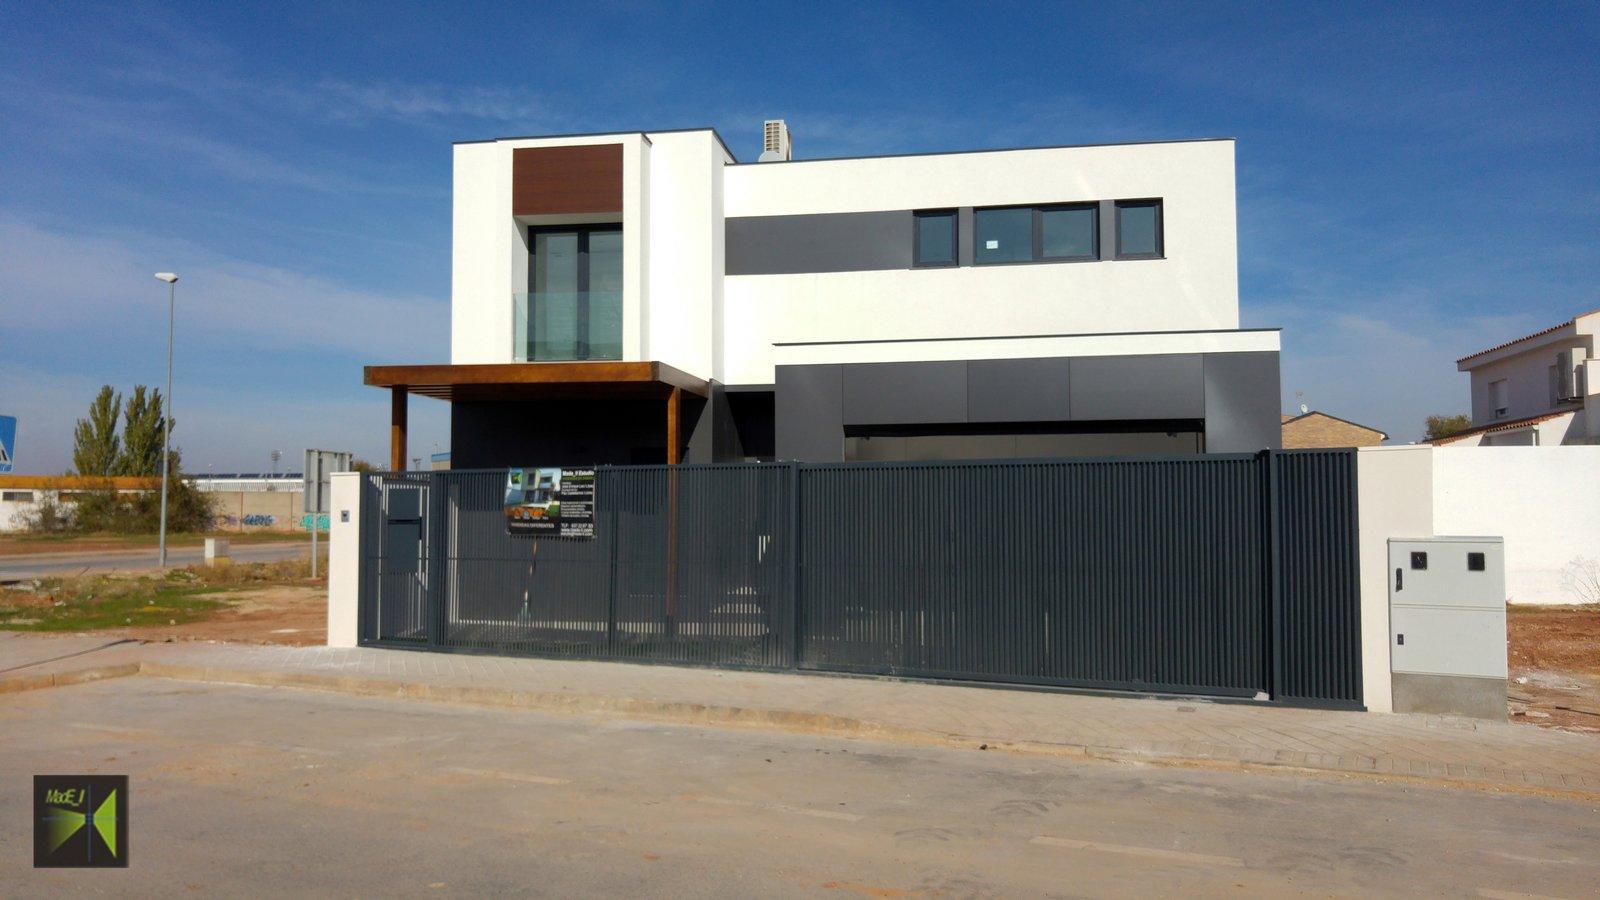 Fachada  Casa Herranz by Jose Enrique Leo Lopez